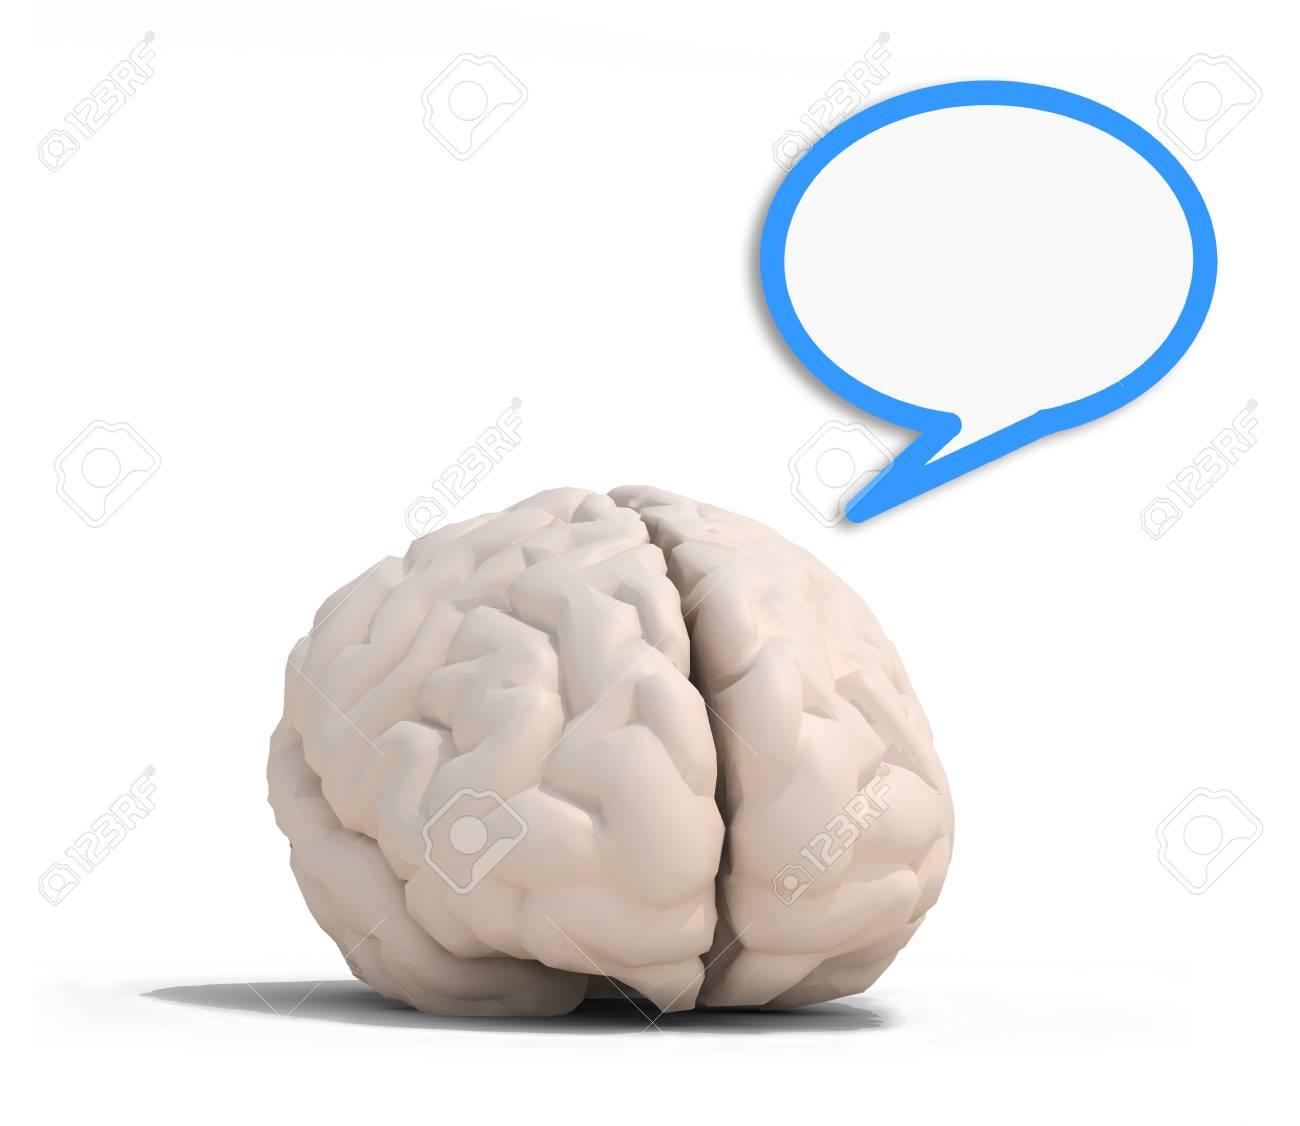 Menschliche Gehirn Mit Blauen Rede Ballon, Isoliert Auf Weiß 3D ...